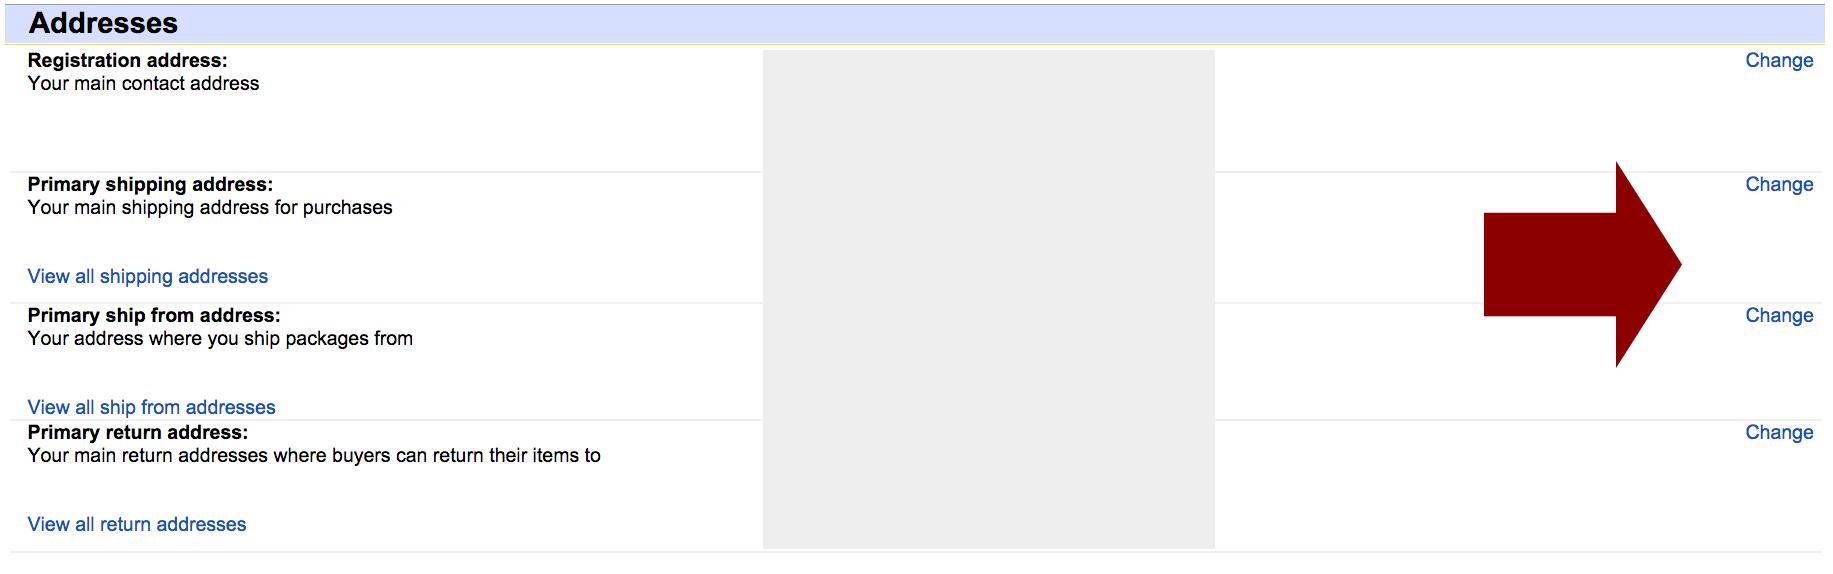 スクリーンショット 2015-06-28 16.09.04